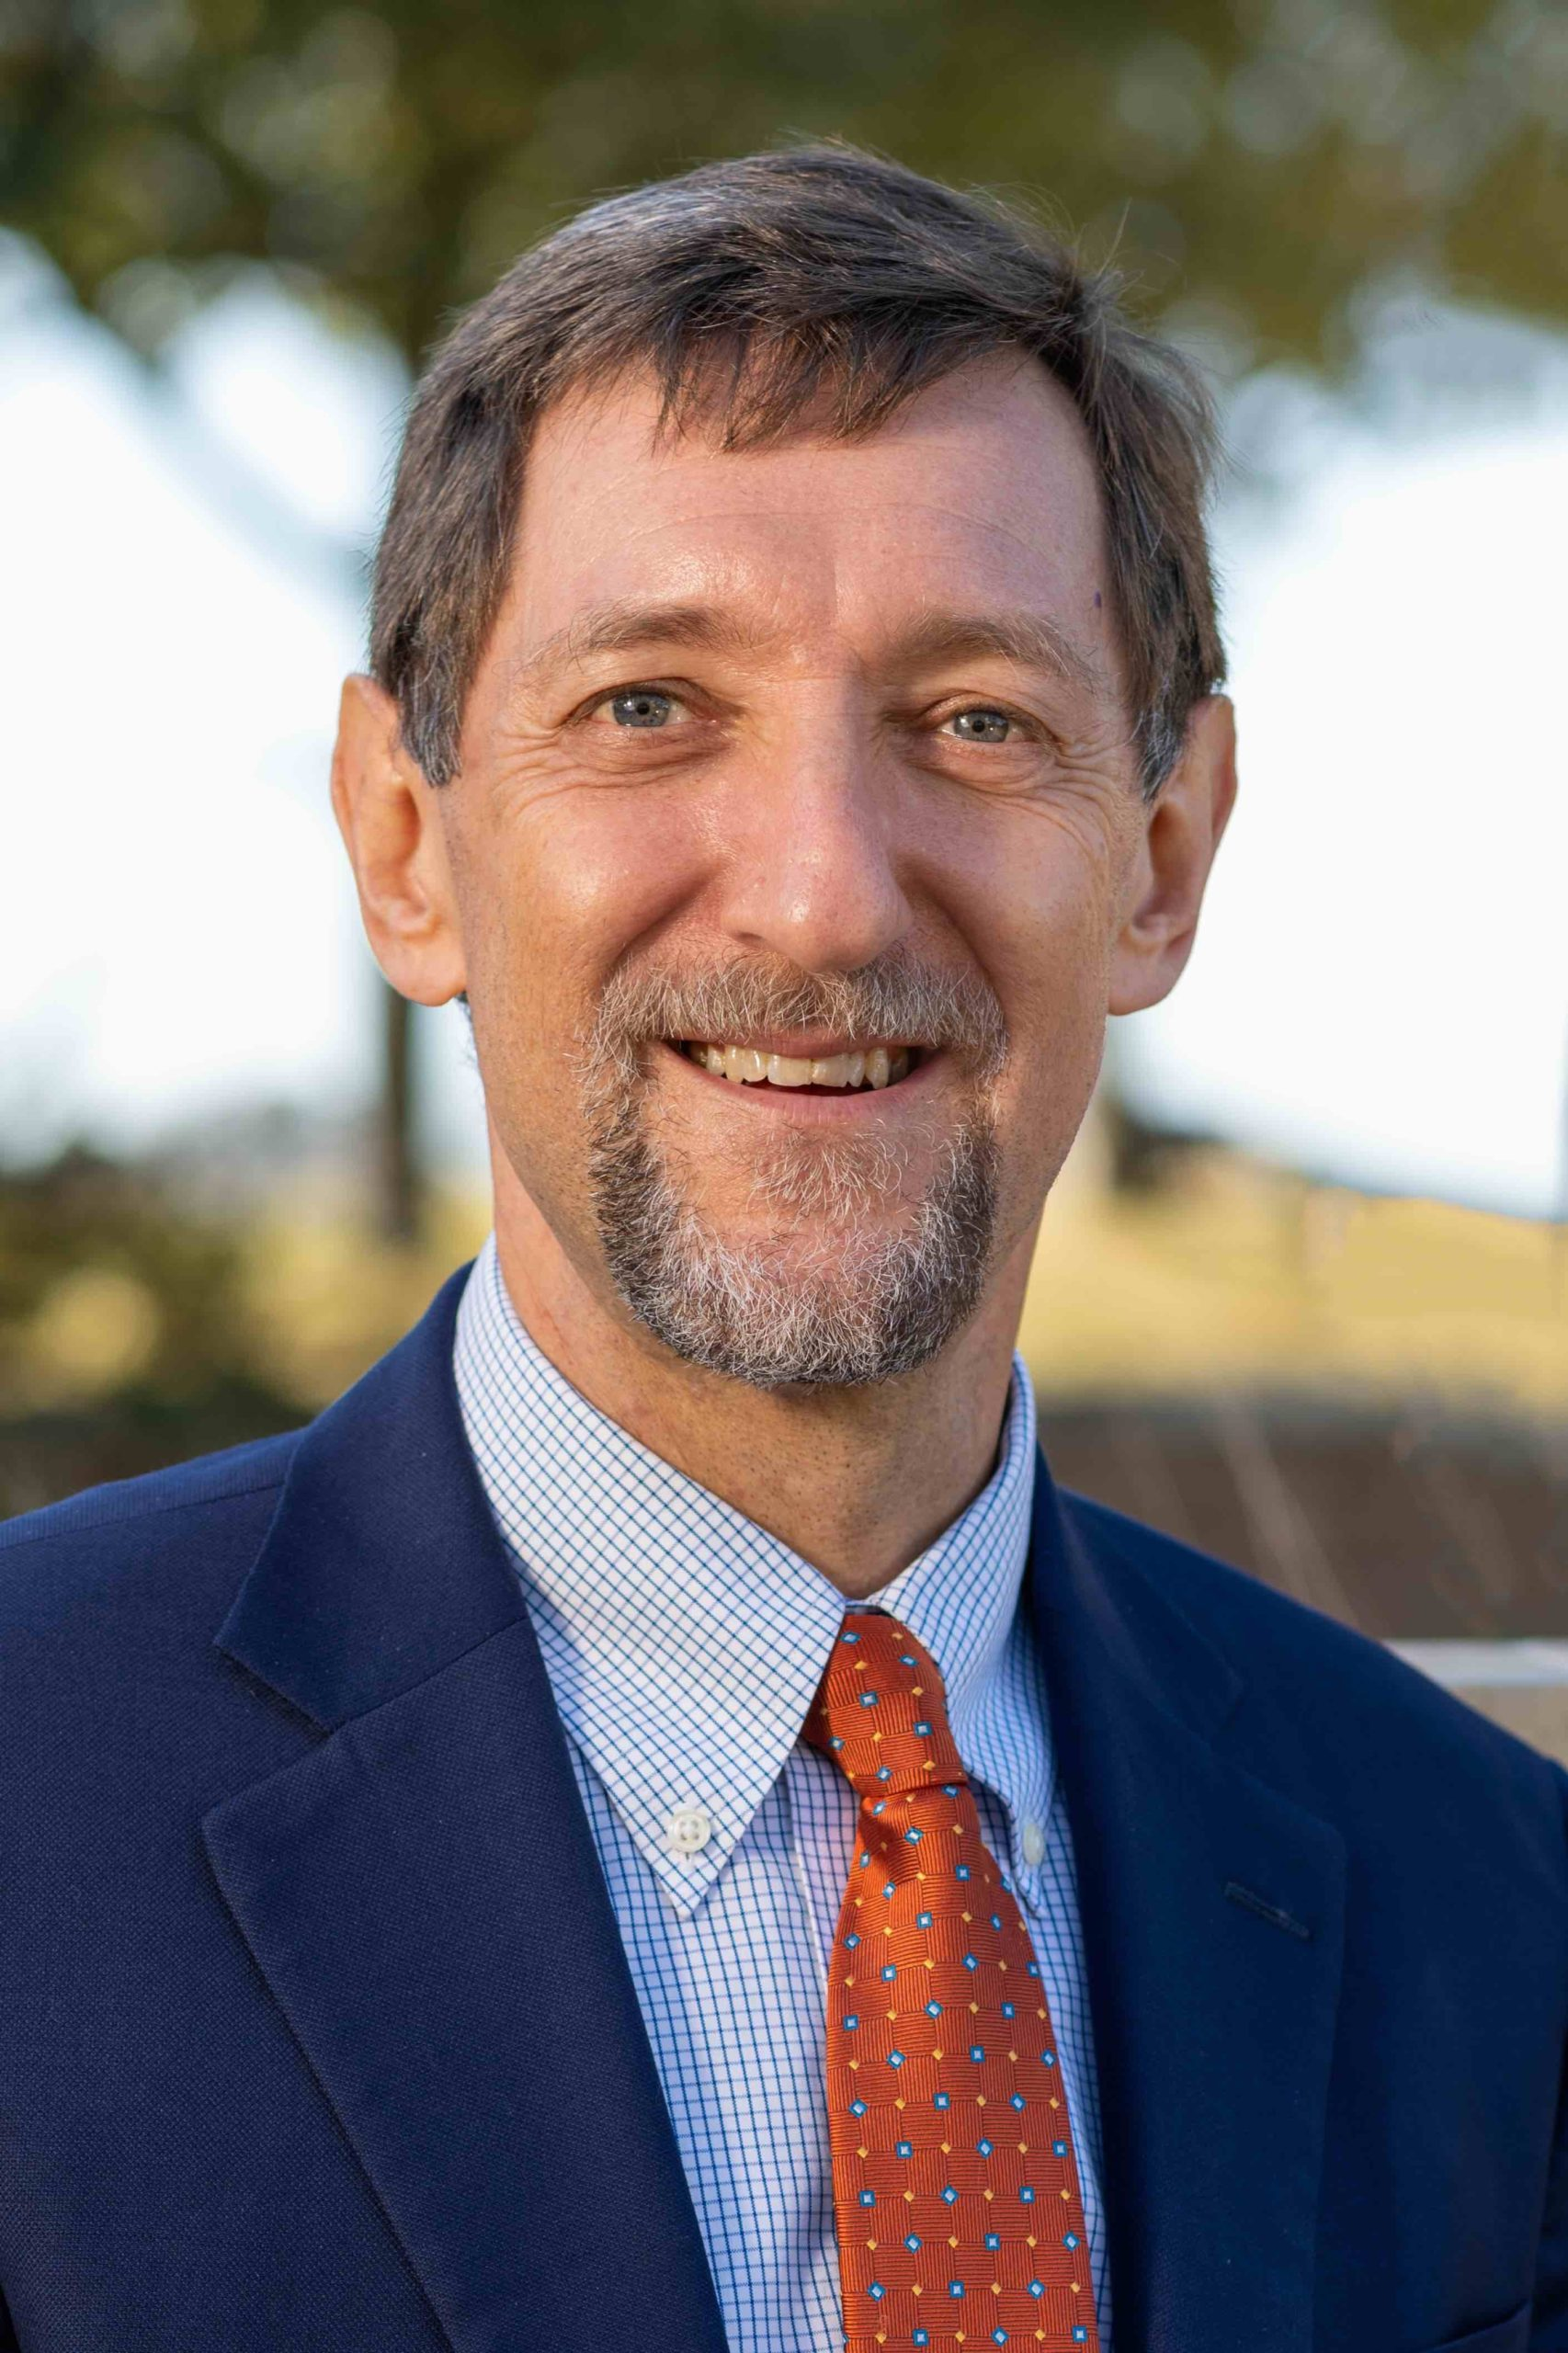 Dr. Paul Goldbart